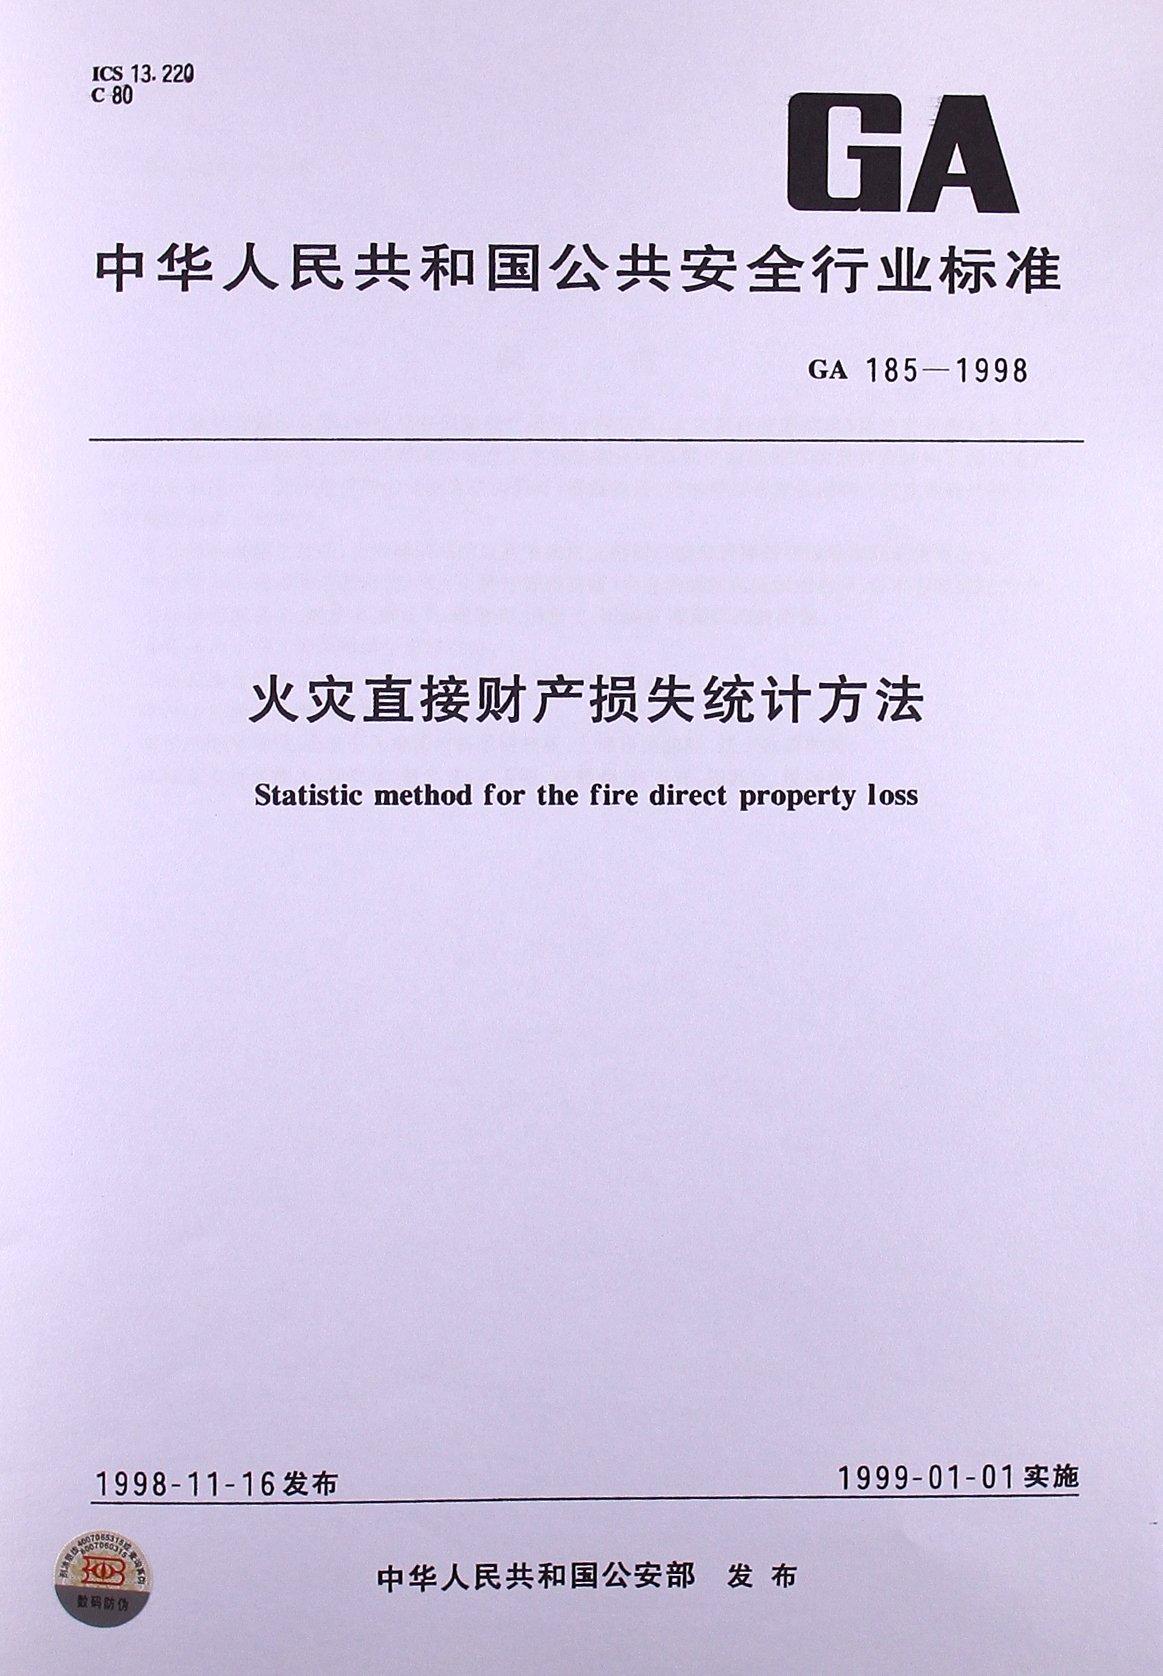 火灾直接财产损失统计方法(GA 185-1998):亚马